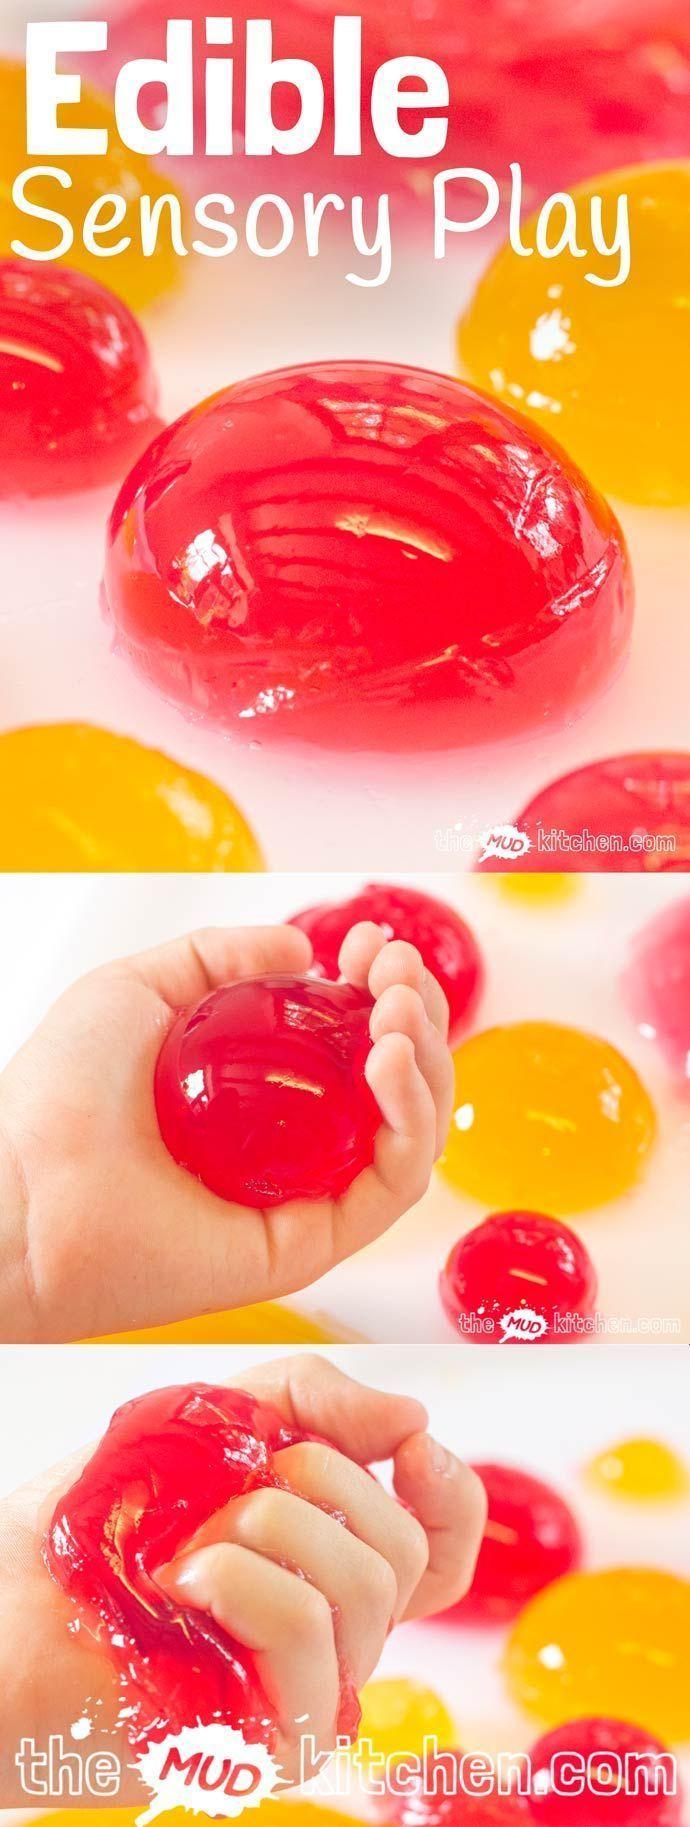 Edible Sensory Play Balls - Kids Craft Room